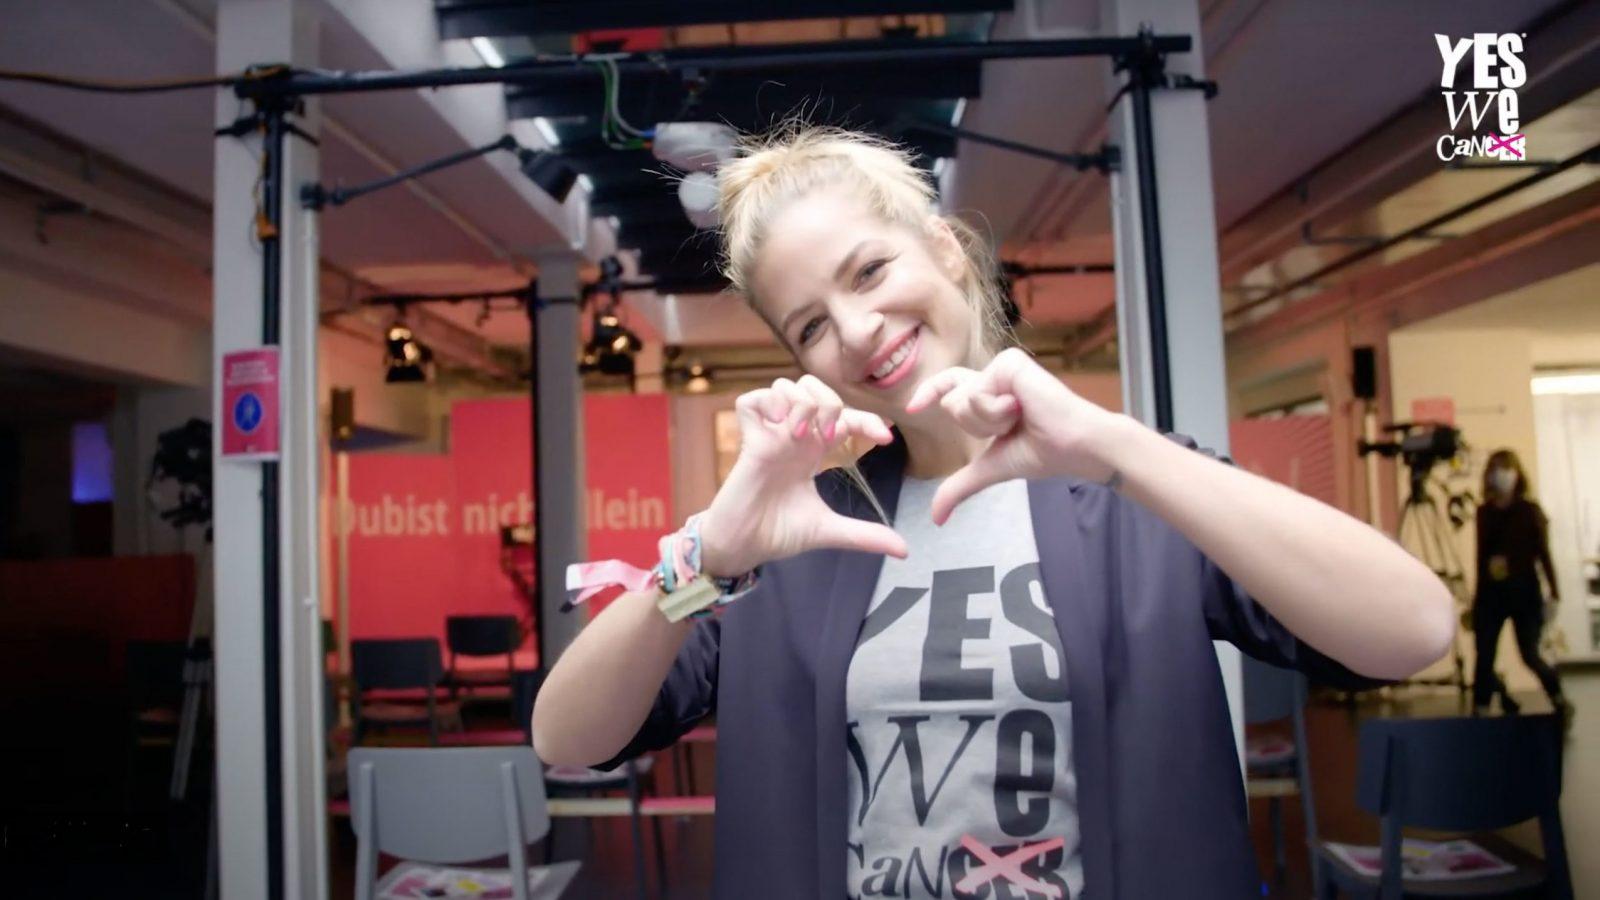 Bild von Susan Sideropoulos im Aftermovie der YES!CON 2020 von yeswecan!cer